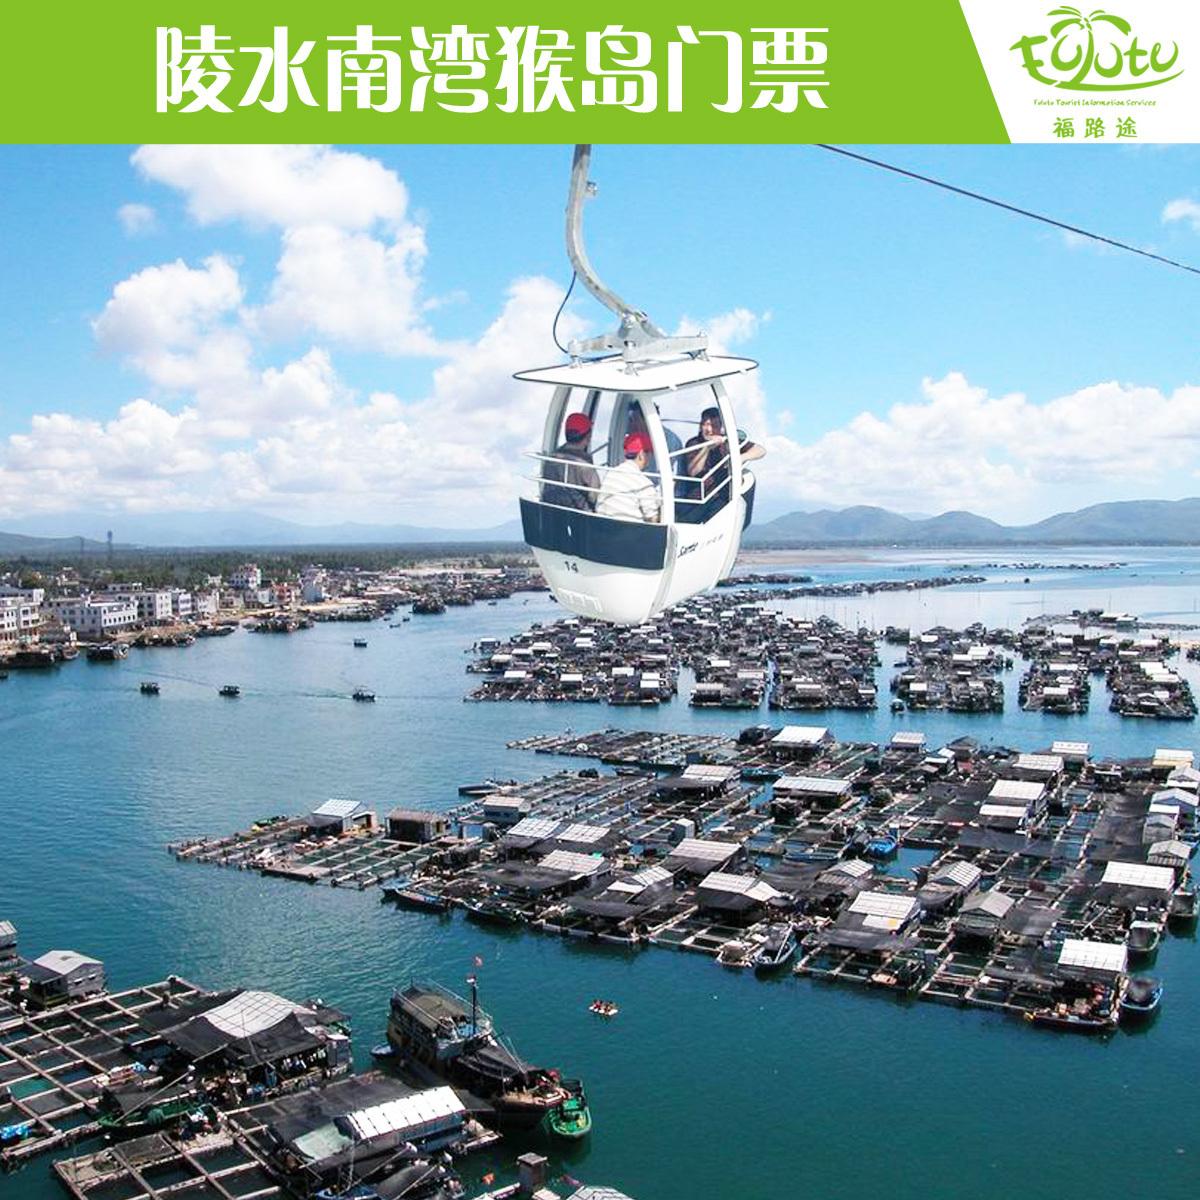 福路途海南旅游 三亚陵水南湾猴岛门票含跨海缆车景区